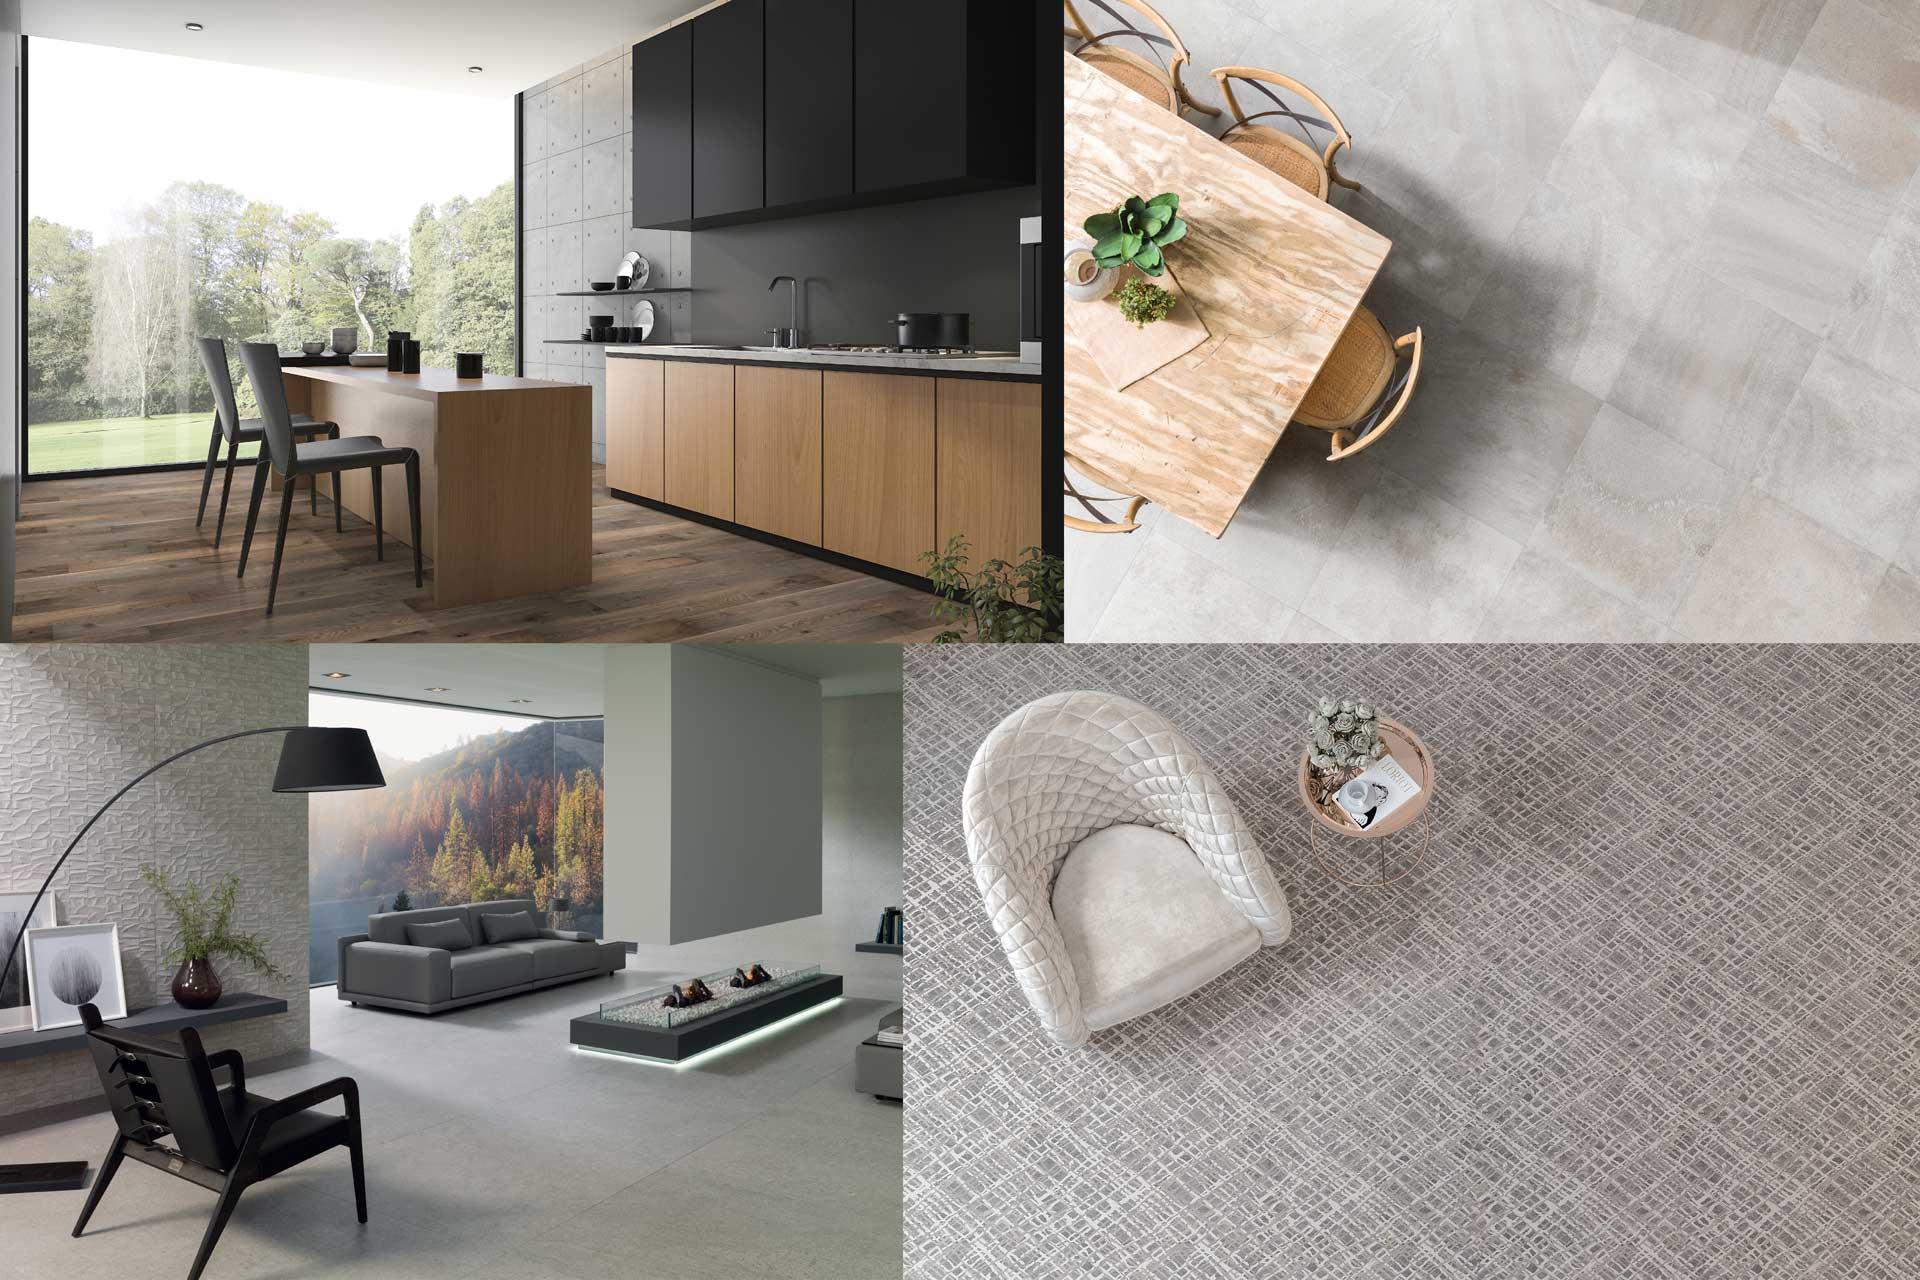 Wood Vinyl Tile Carpet - Coming Soon